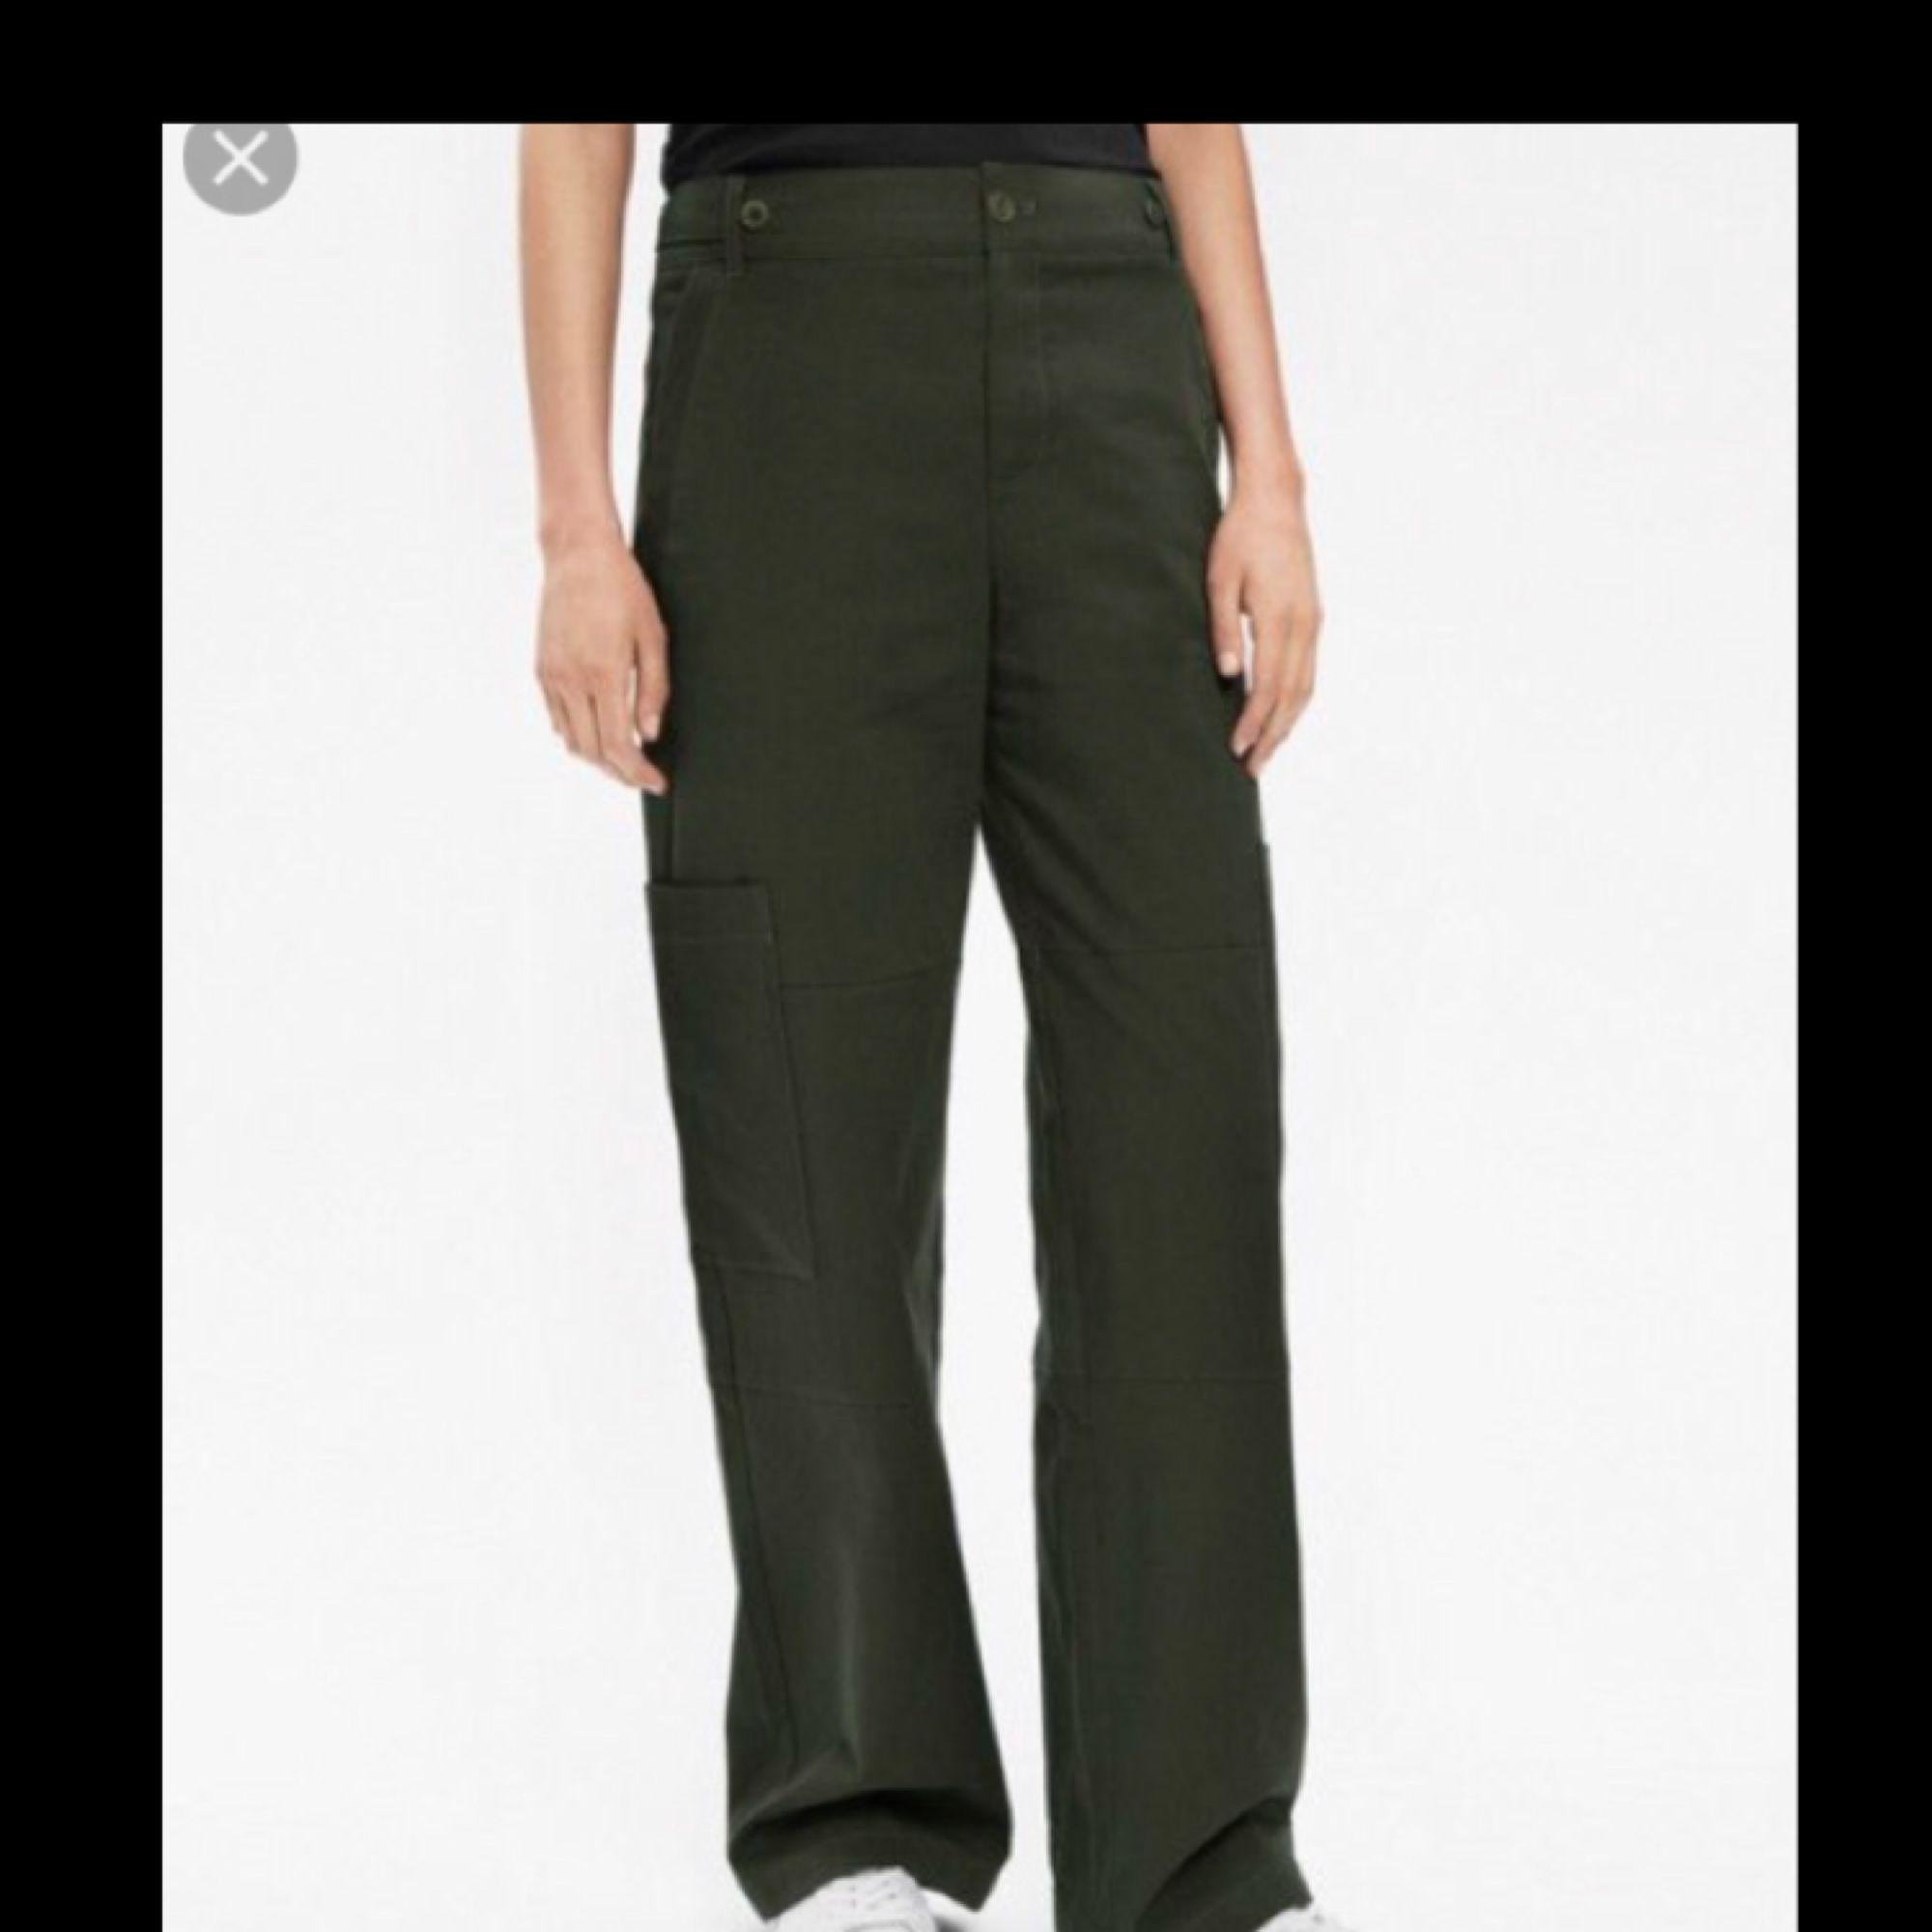 ed7ac77d9 Utility pants med stora fickor på sidorna av benet från Filippa K, använda  en gång ...